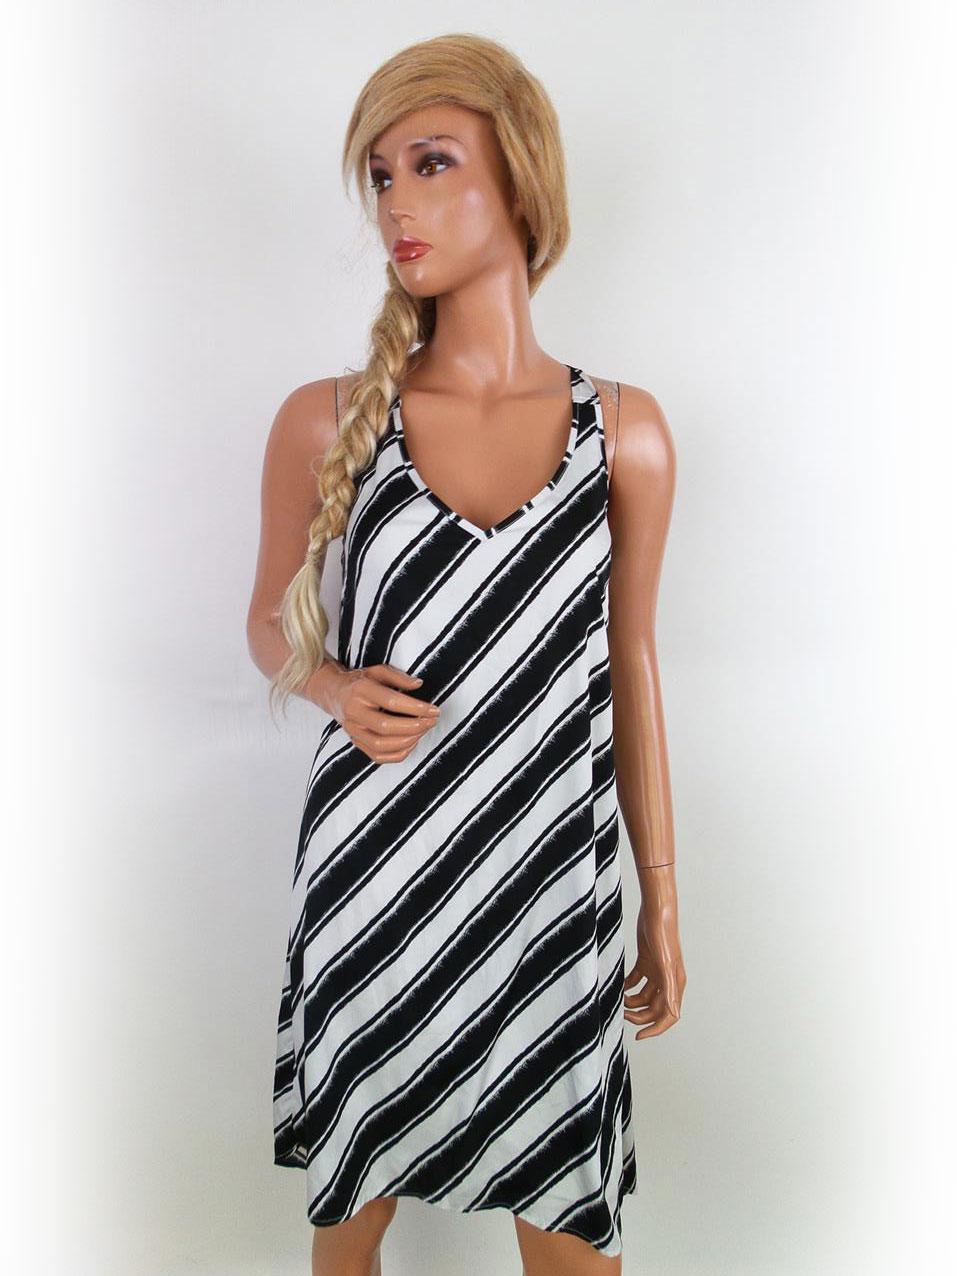 Streifen Kleid Asymmetrischen 36 Schwarzen Amp; H Größe Weißen M Und A543jqRL